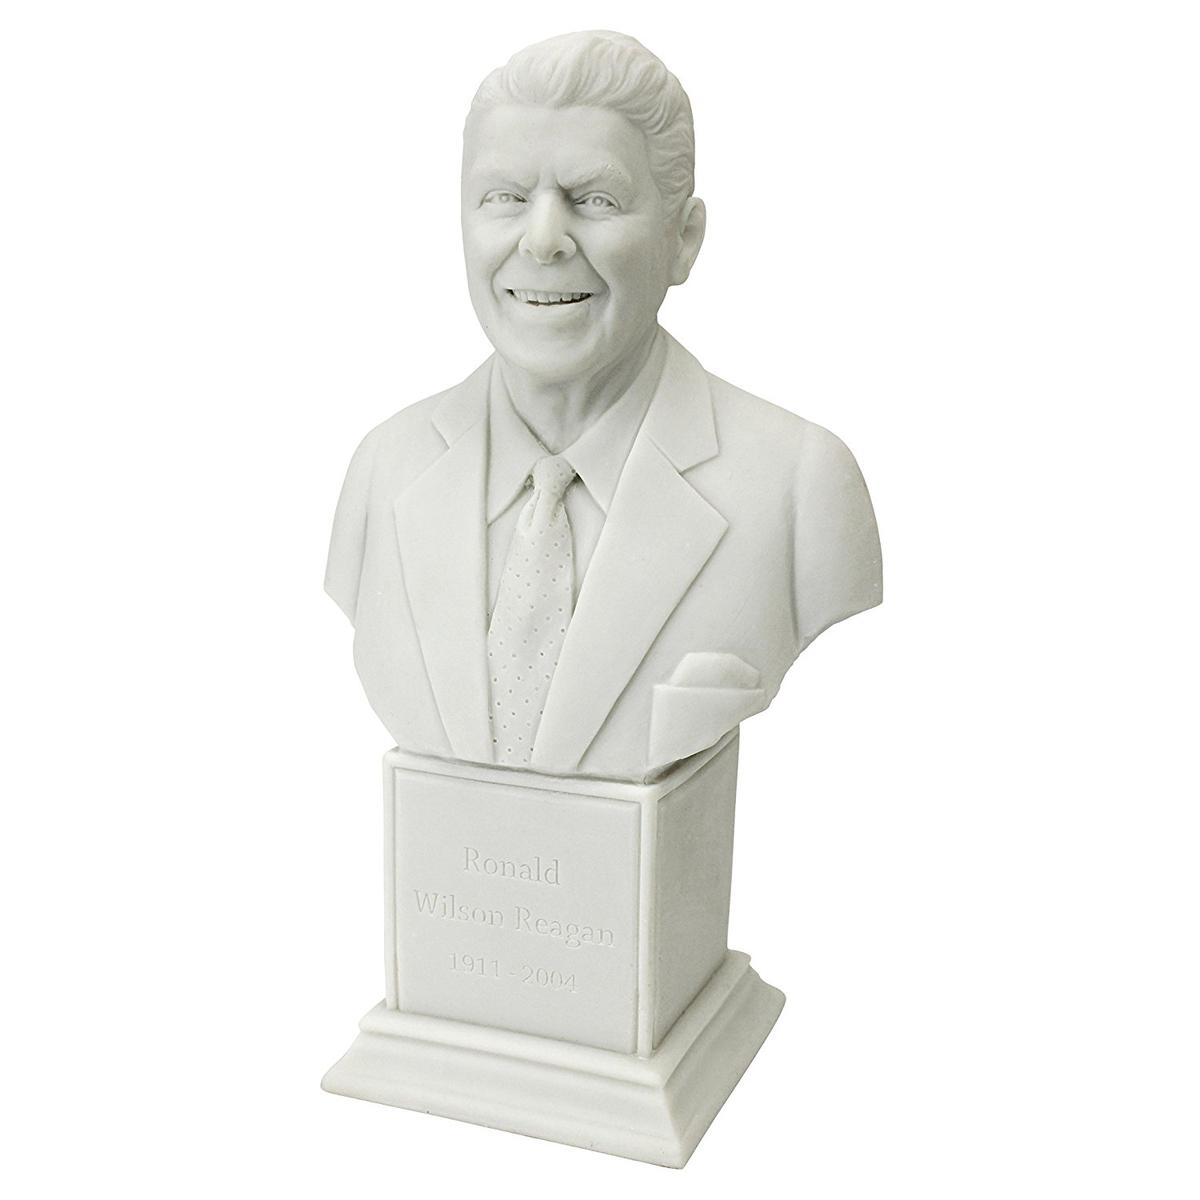 アート インテリア 飾り 彫刻 オブジェ 石像 置物 ロナルド レーガン アメリカ 政治家 大統領